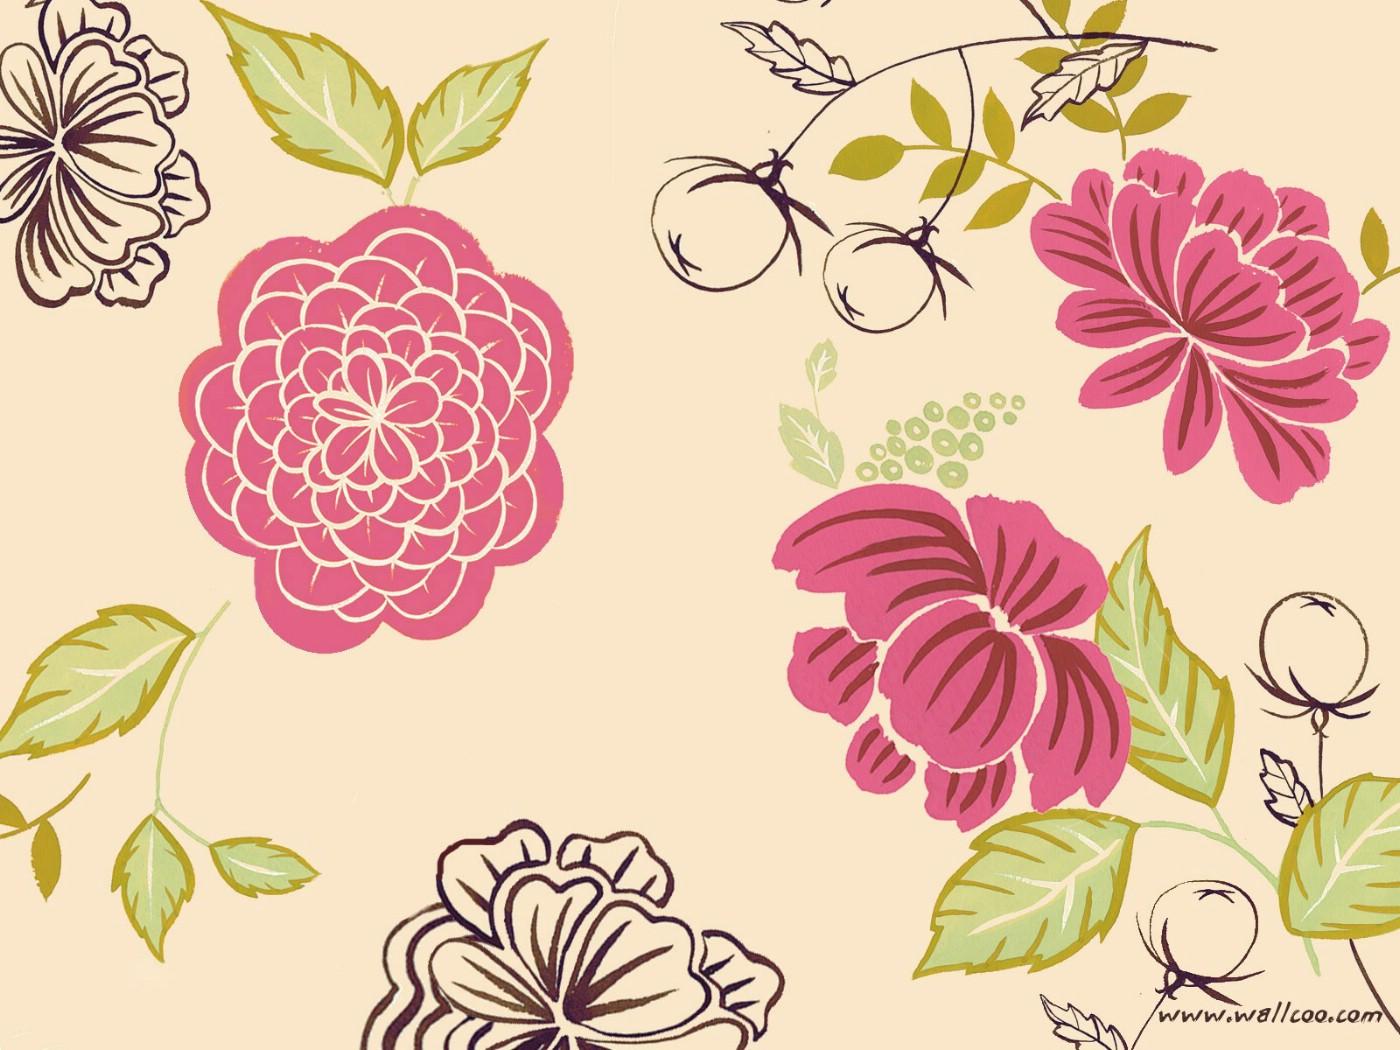 壁纸1400×1050花卉图案设计 抽象花卉插画壁纸壁纸 艺术与抽象花卉壁纸壁纸图片花卉壁纸花卉图片素材桌面壁纸